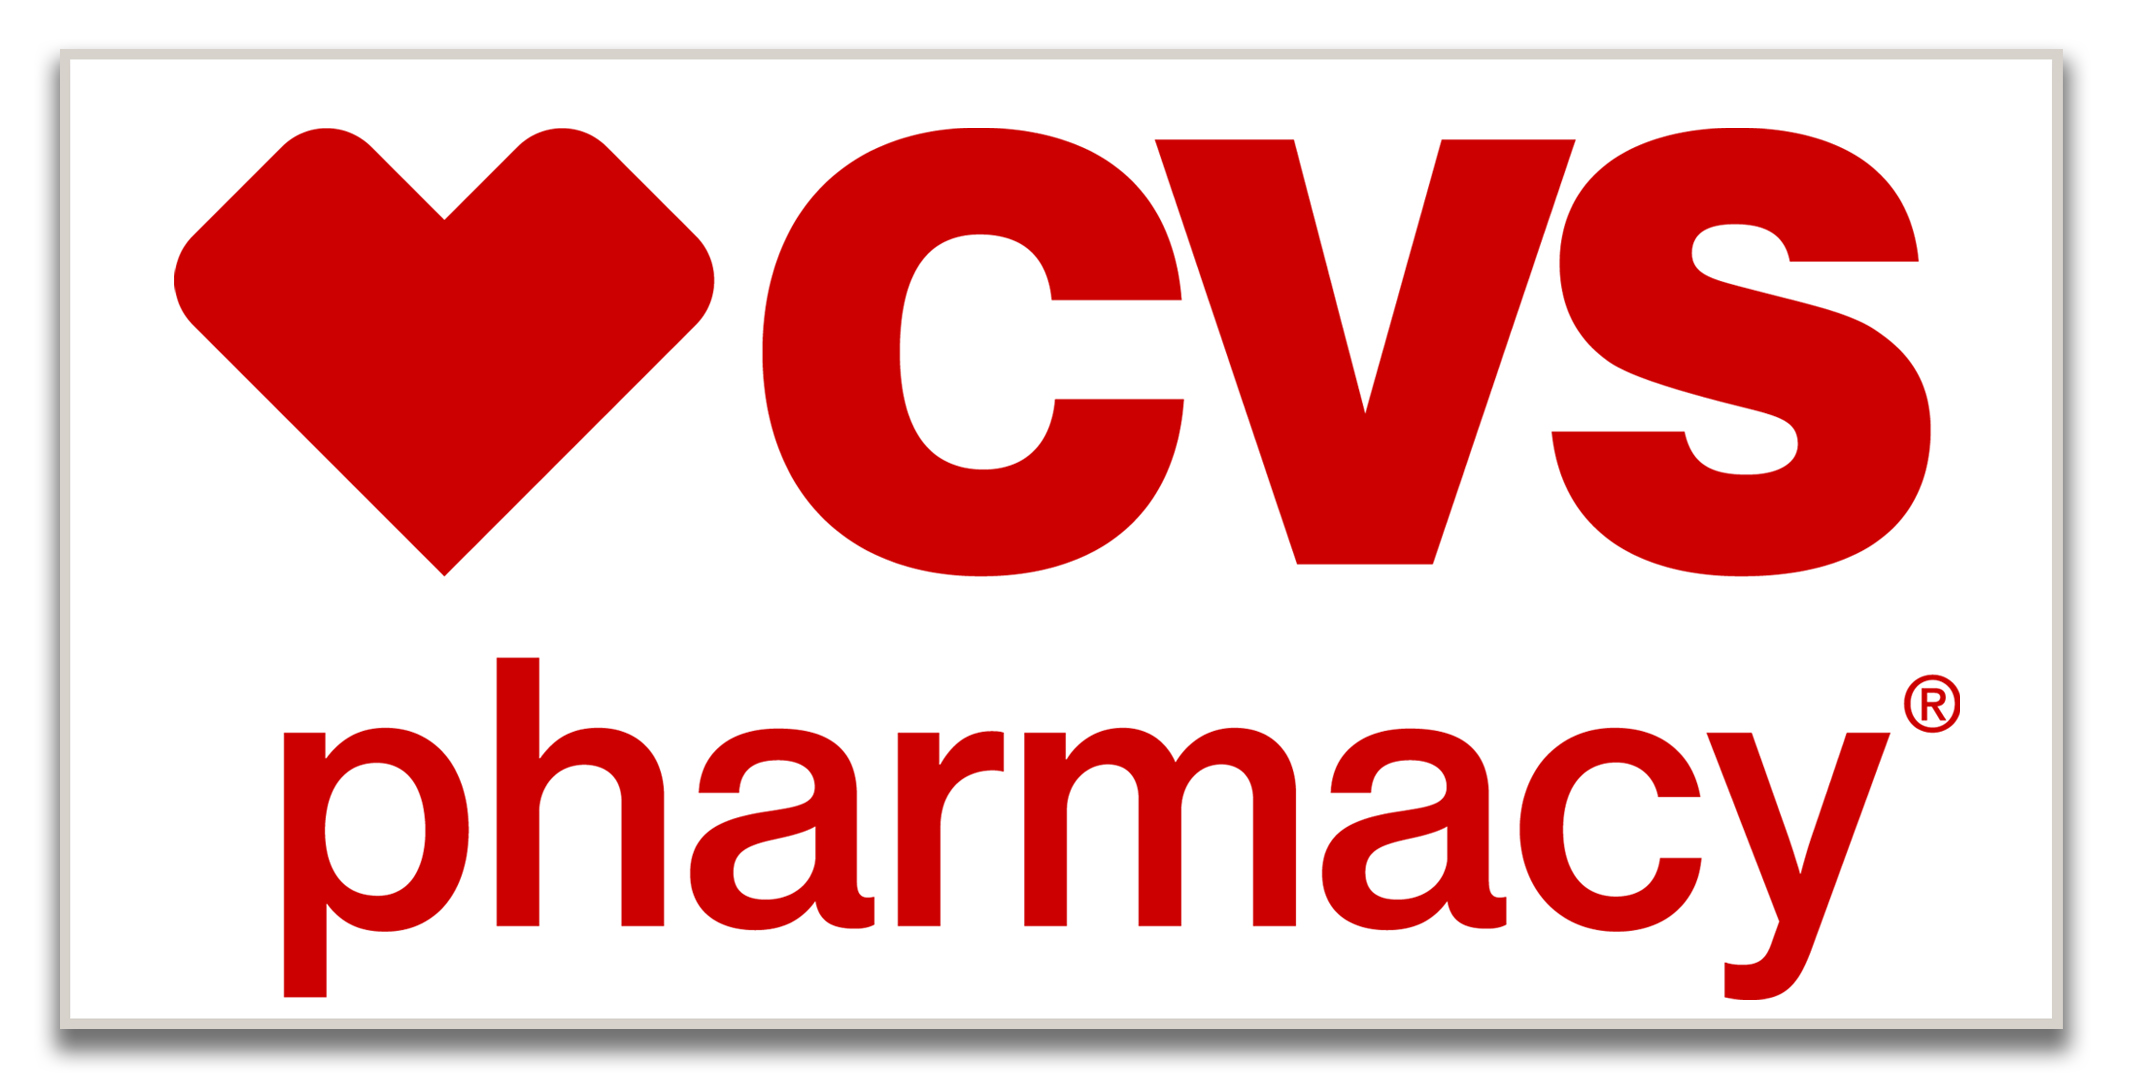 cvs pharmacy shadow